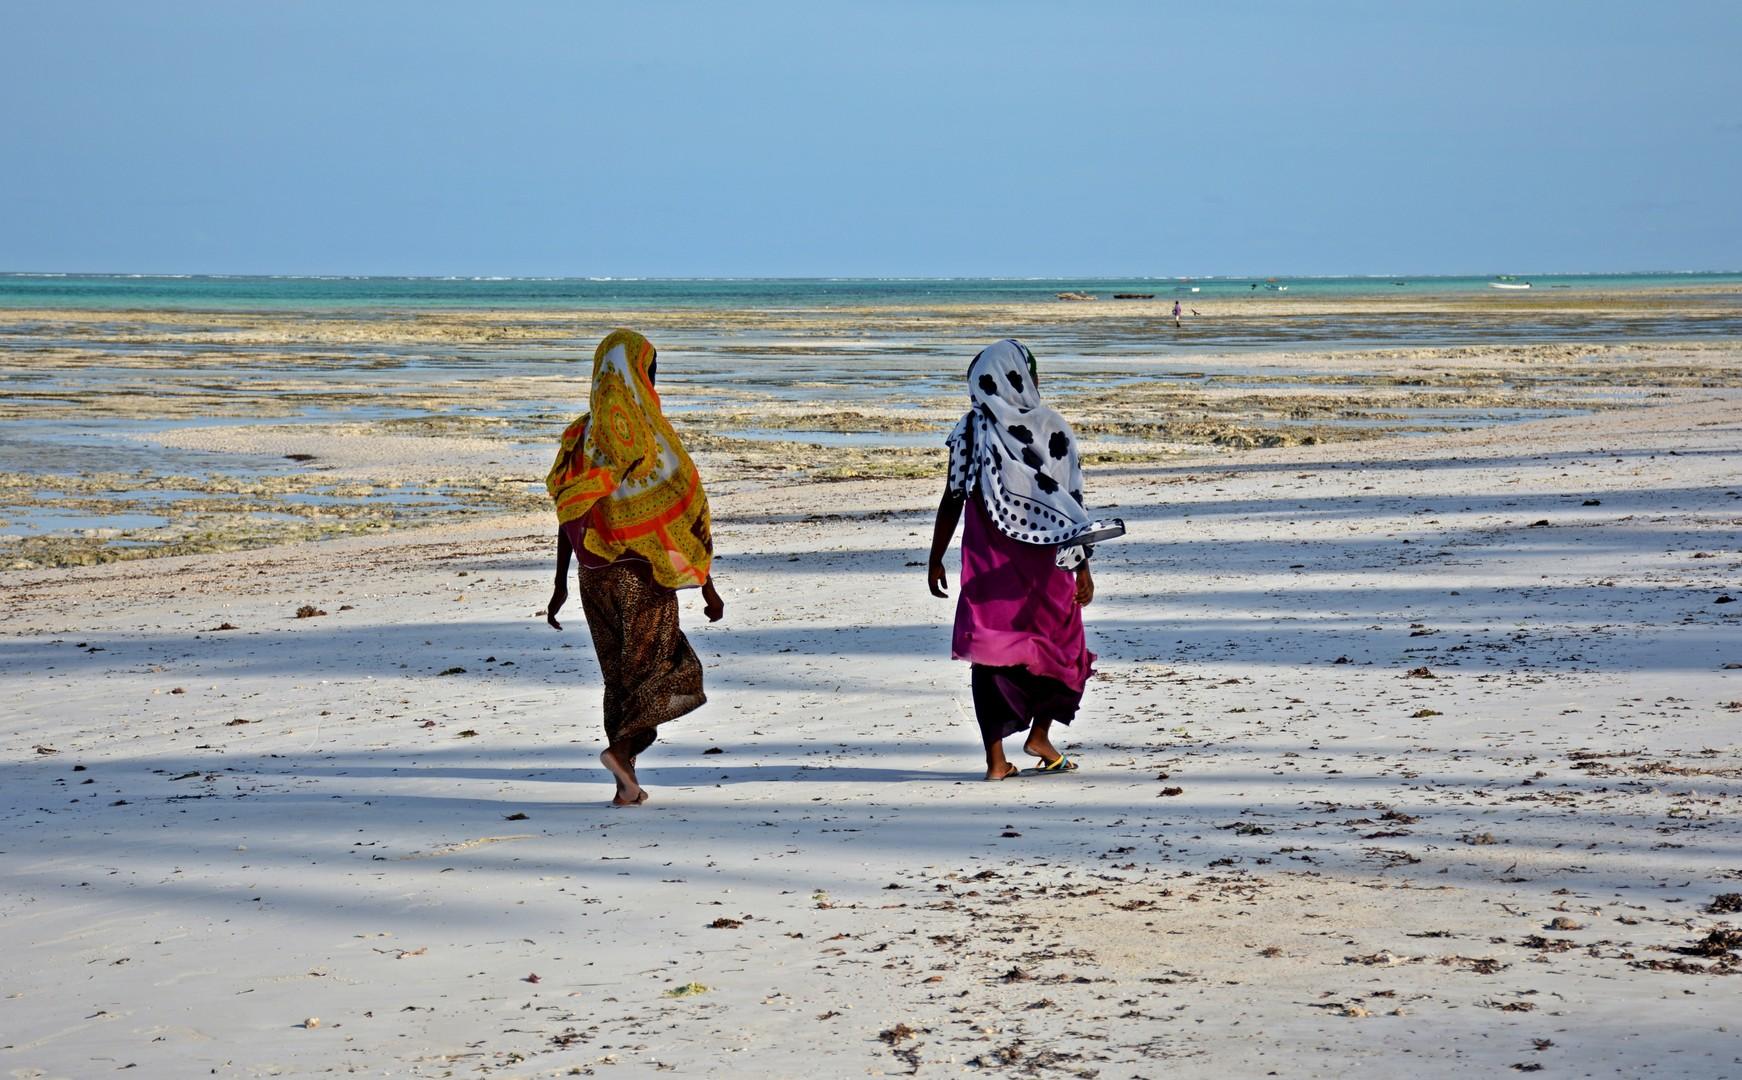 Šetnja na plaži